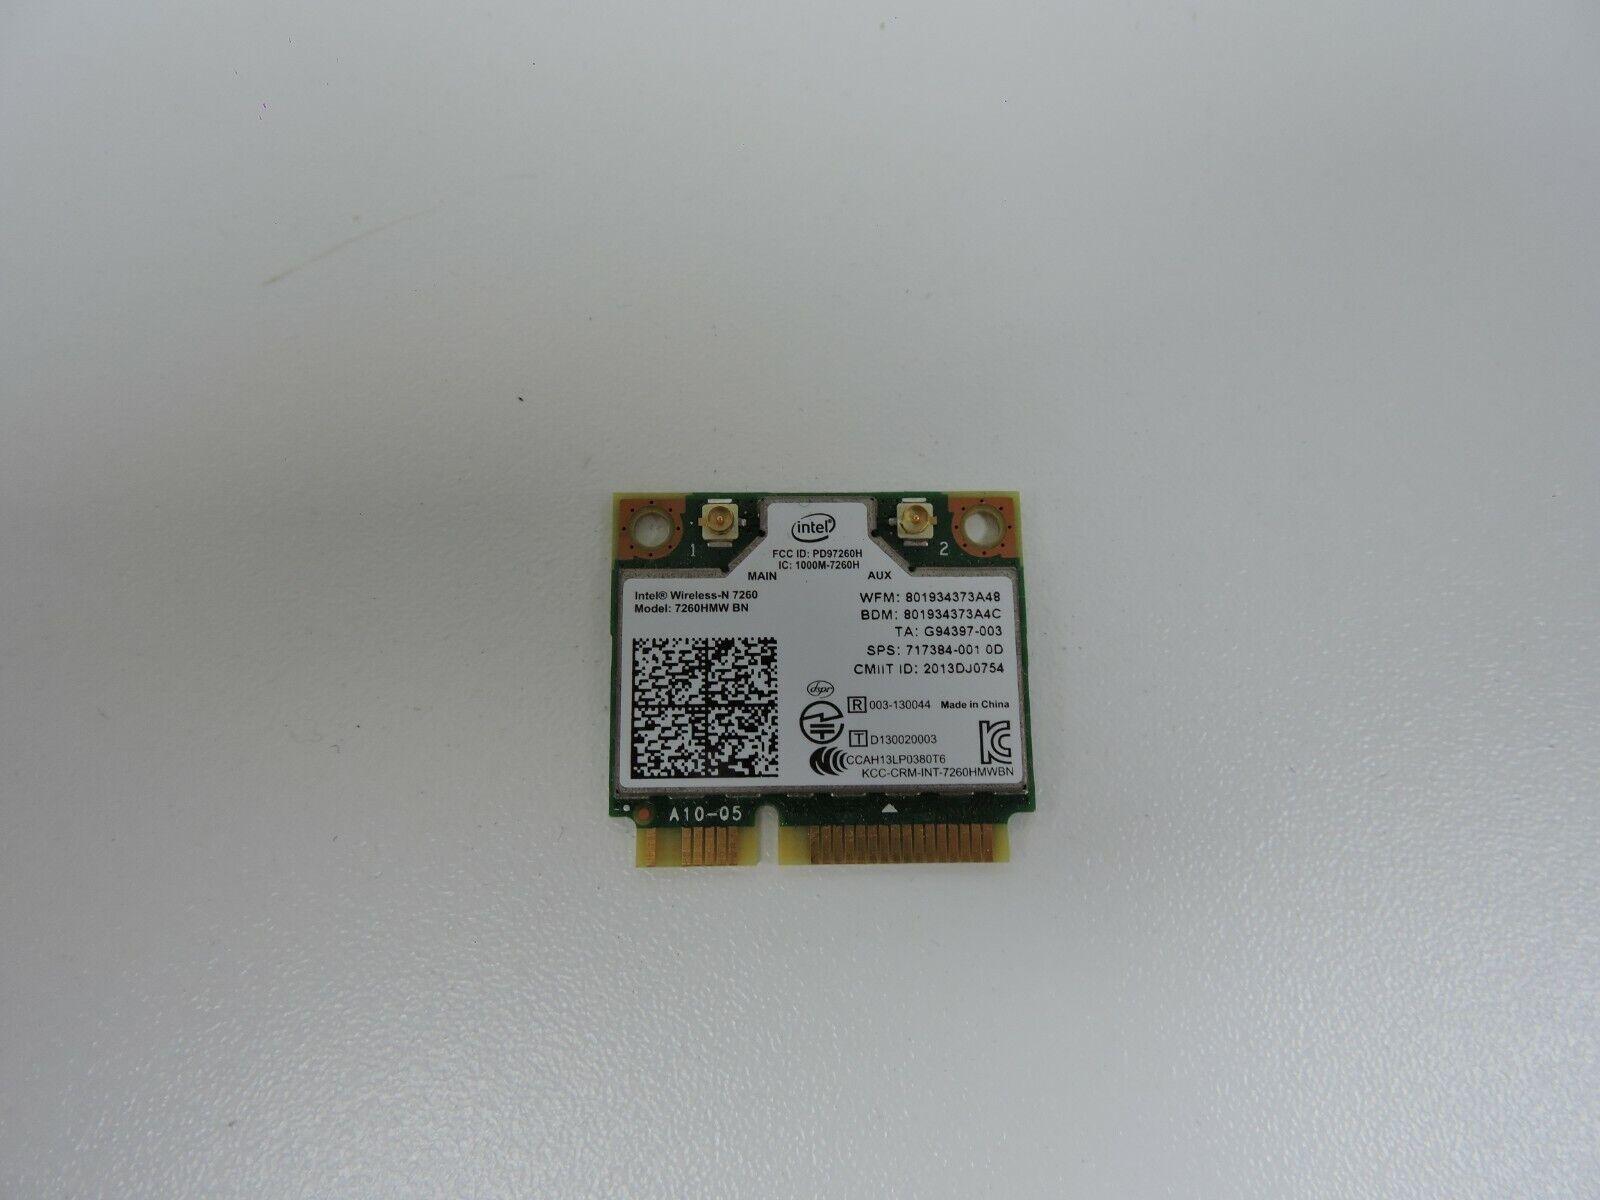 Clevo XMG W370SS WLAN WIFI Card Card 135 BNHMW